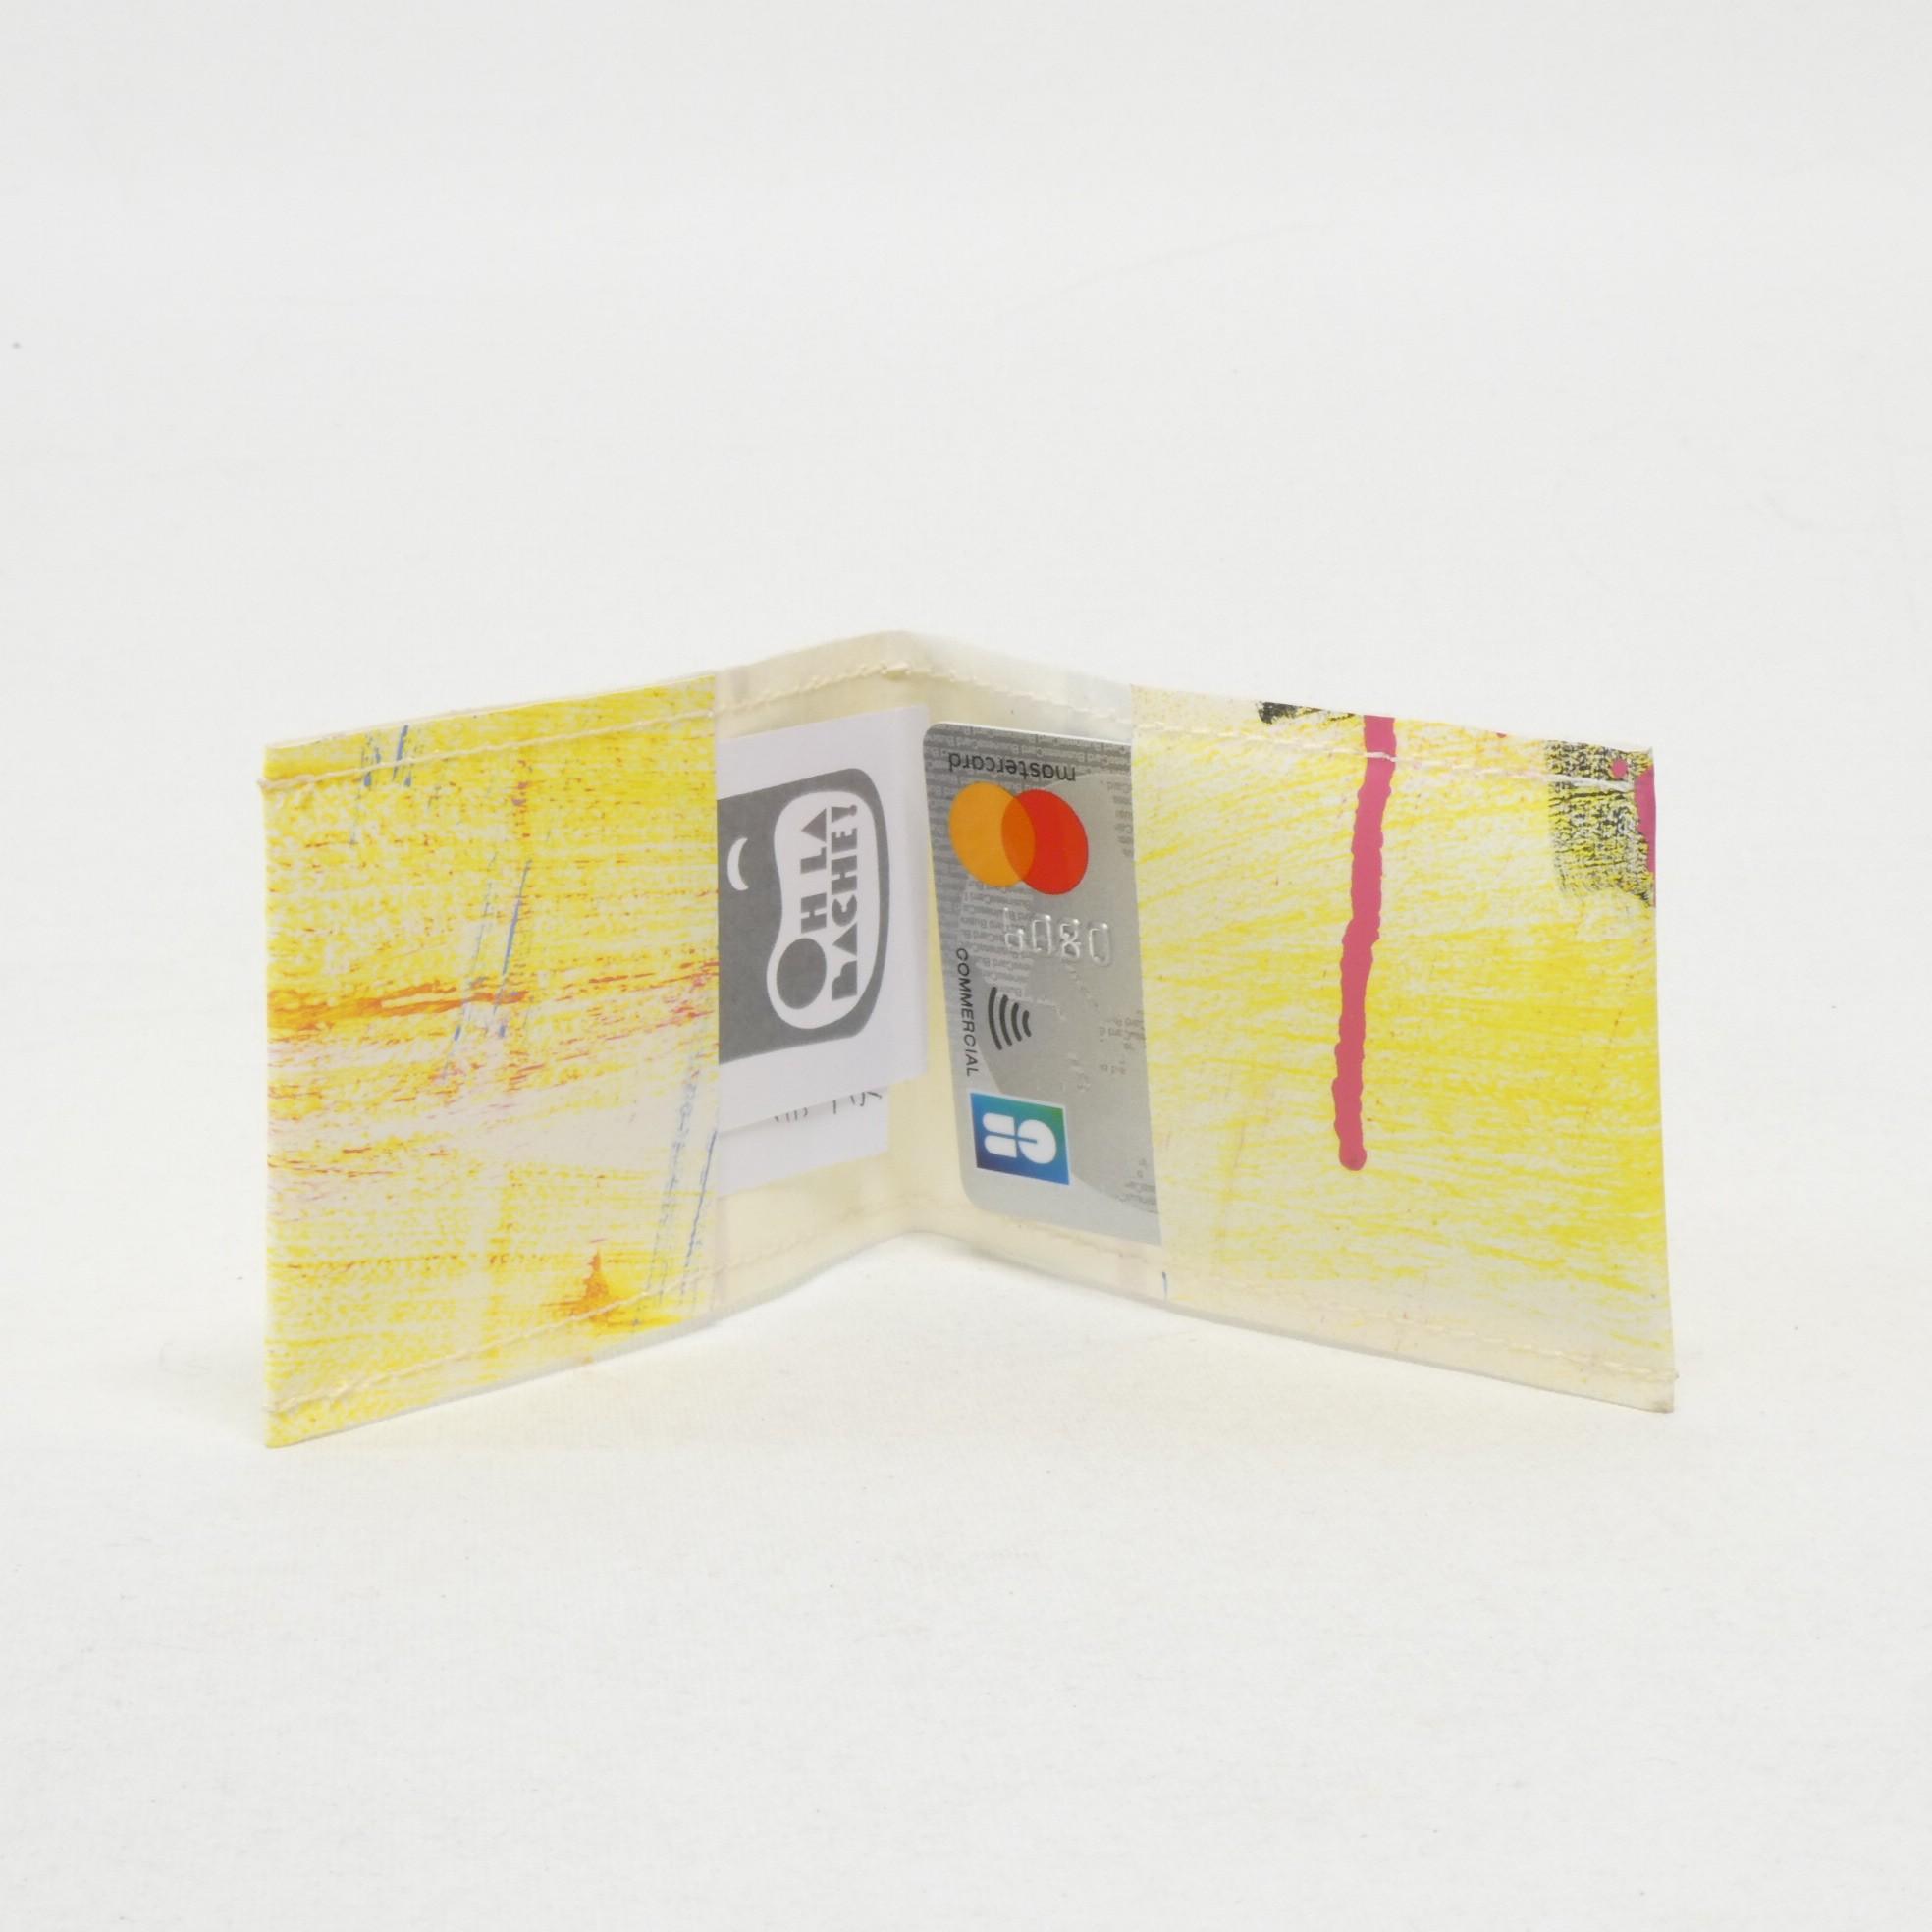 NOé Porte carte by Oh la bâche! d ouvert